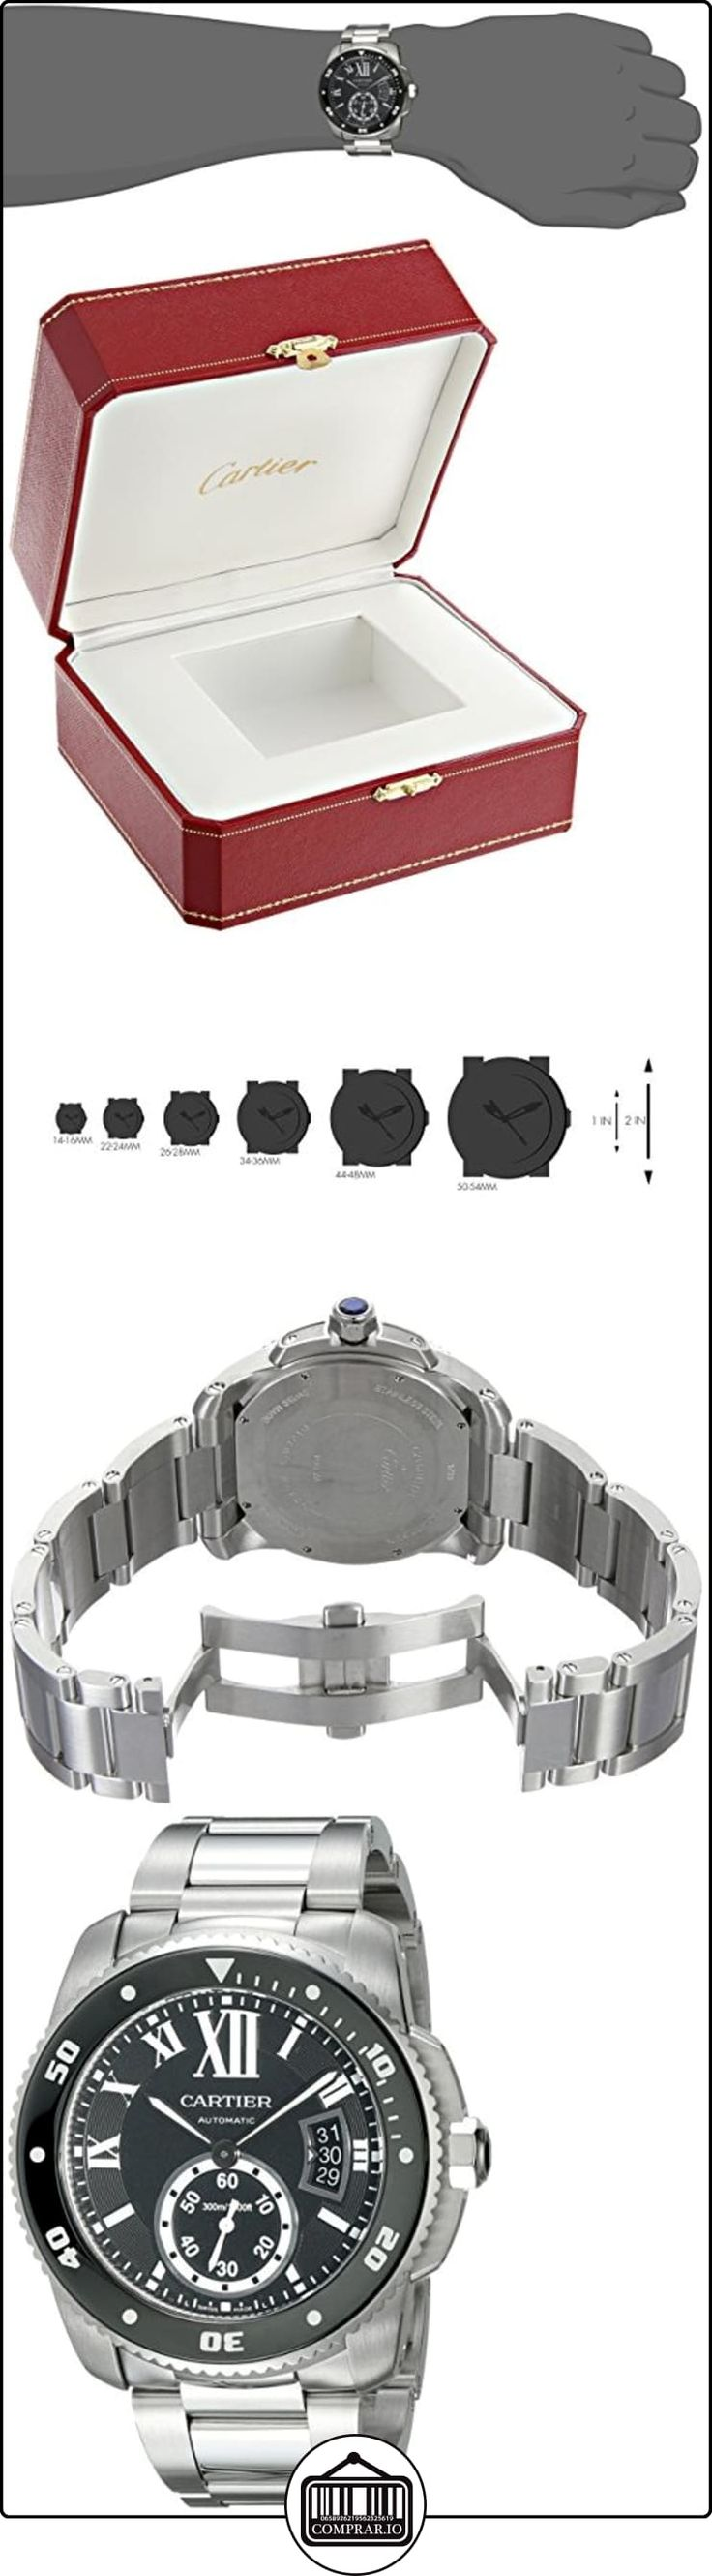 CARTIER CALIBRE DE CARTIER DIVER RELOJ DE HOMBRE AUTOMÁTICO W7100057  ✿ Relojes para hombre - (Lujo) ✿